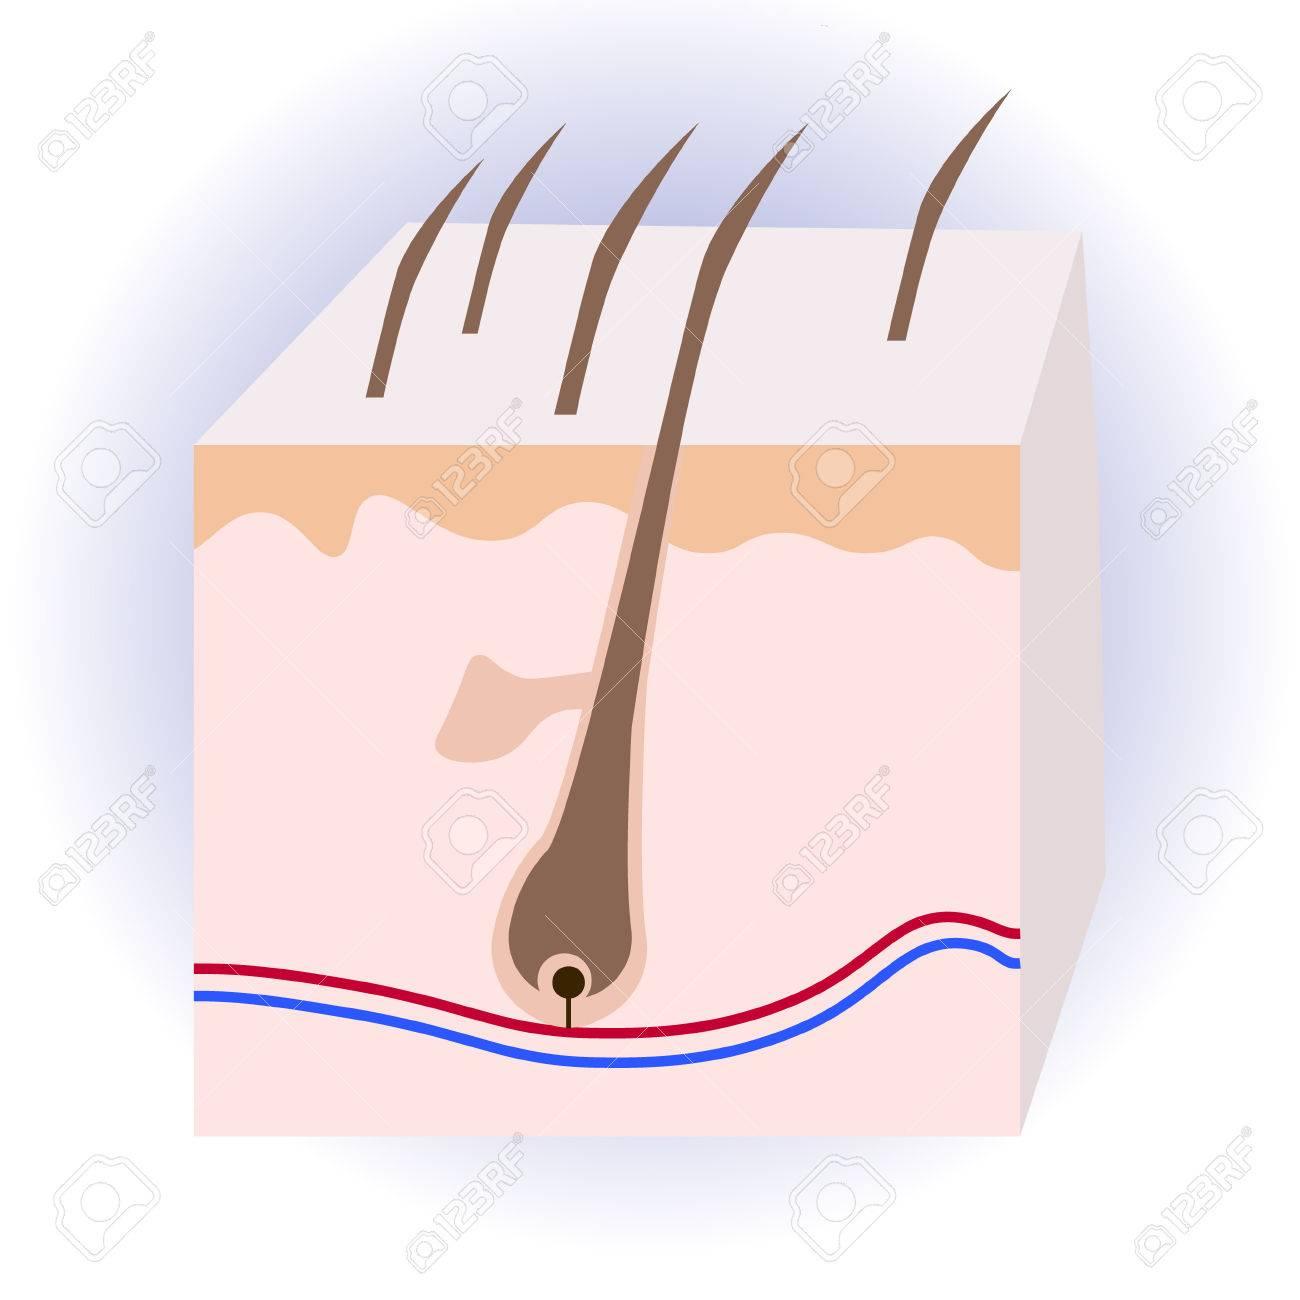 Estructura Humana De La Piel Y El Cabello Signo Anatómico Cuidado De Belleza Aislado